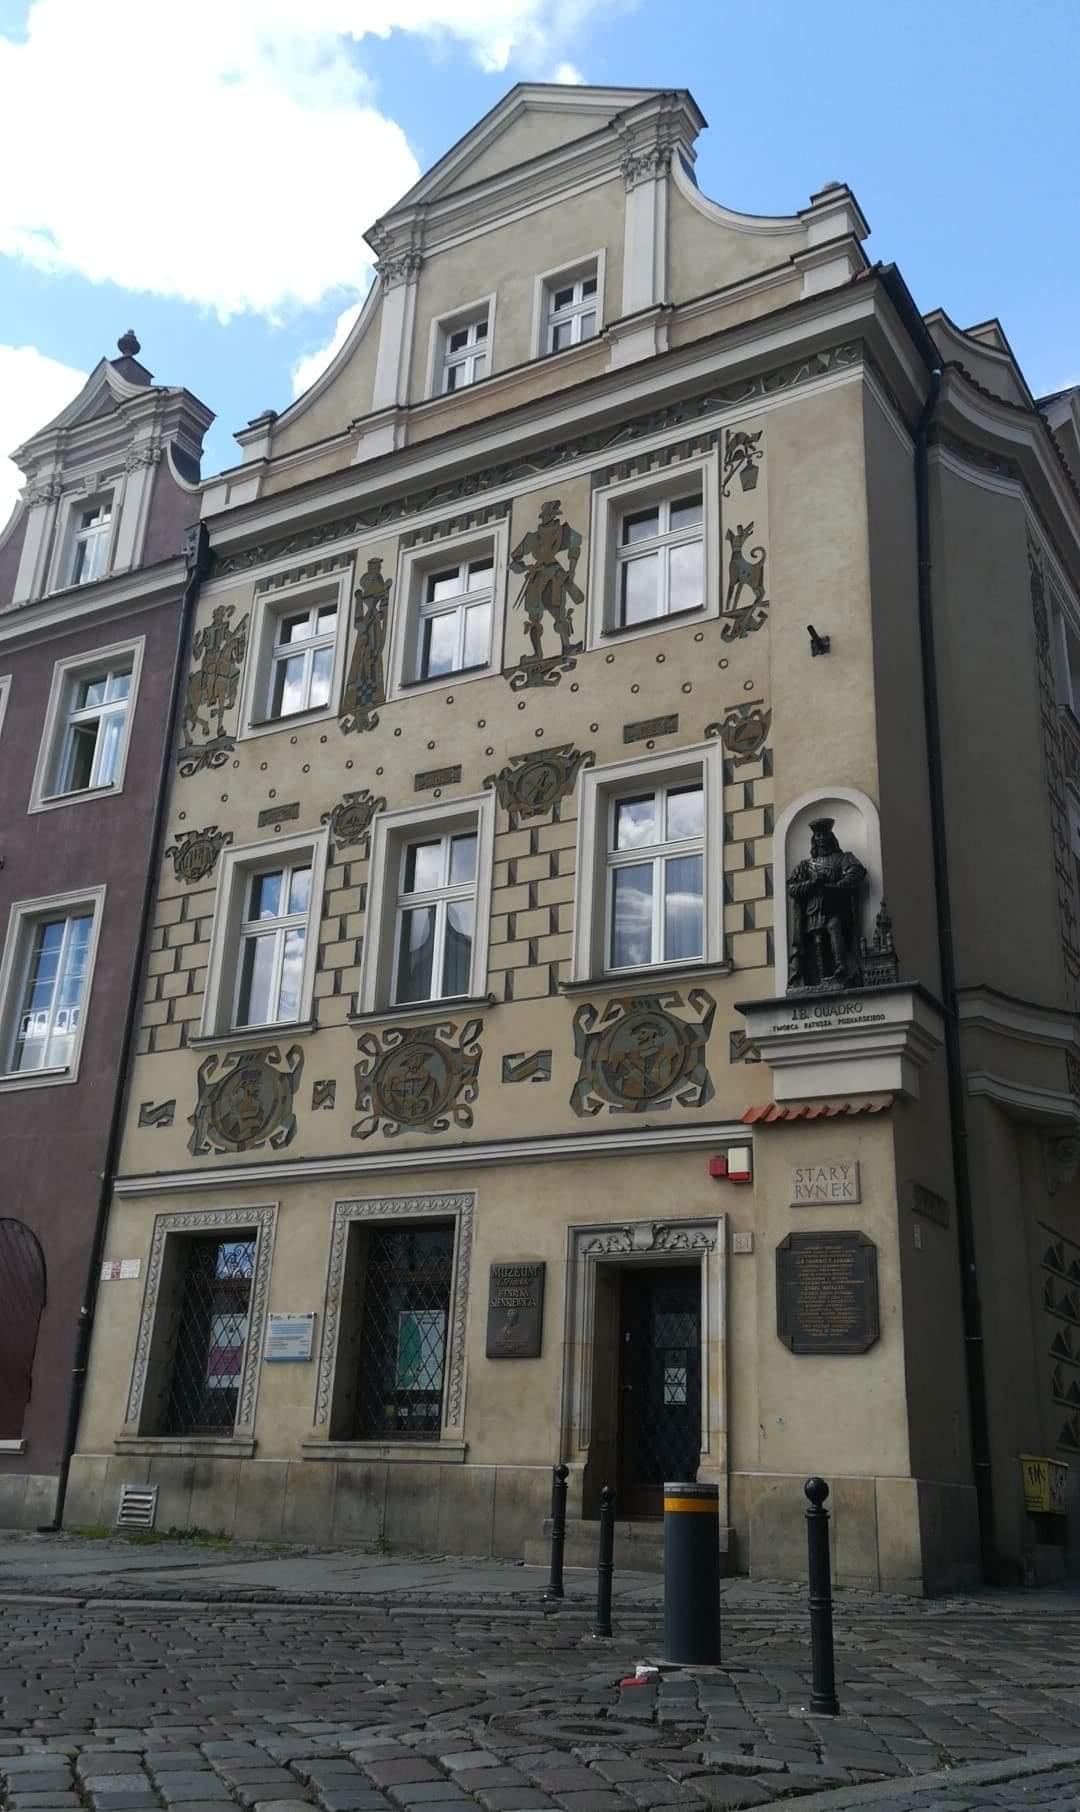 Zdjecie kamienicy, w której mieści sie Muzeum Literackie Henryka Sienkiewicza.